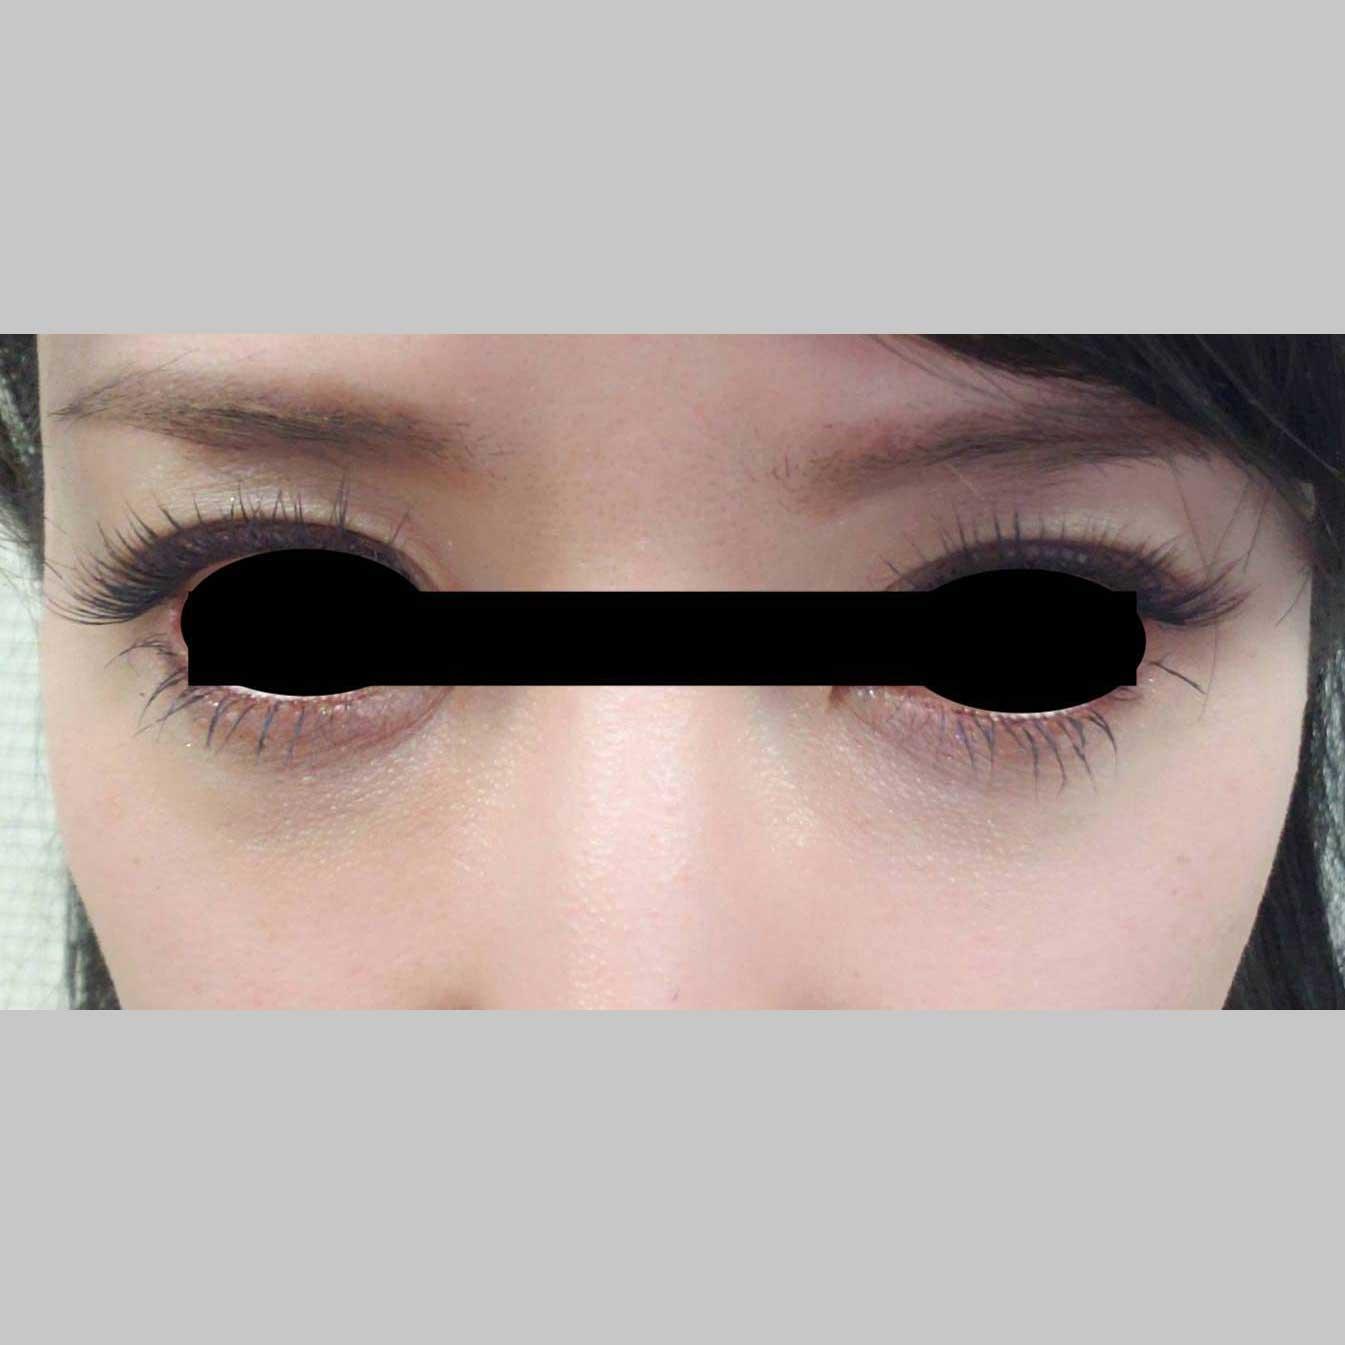 目元の整形、目のクマ治療 (ヒアルロン酸注入(ビタールライト0.3cc)+マイクロカニューレ2本) 施術後